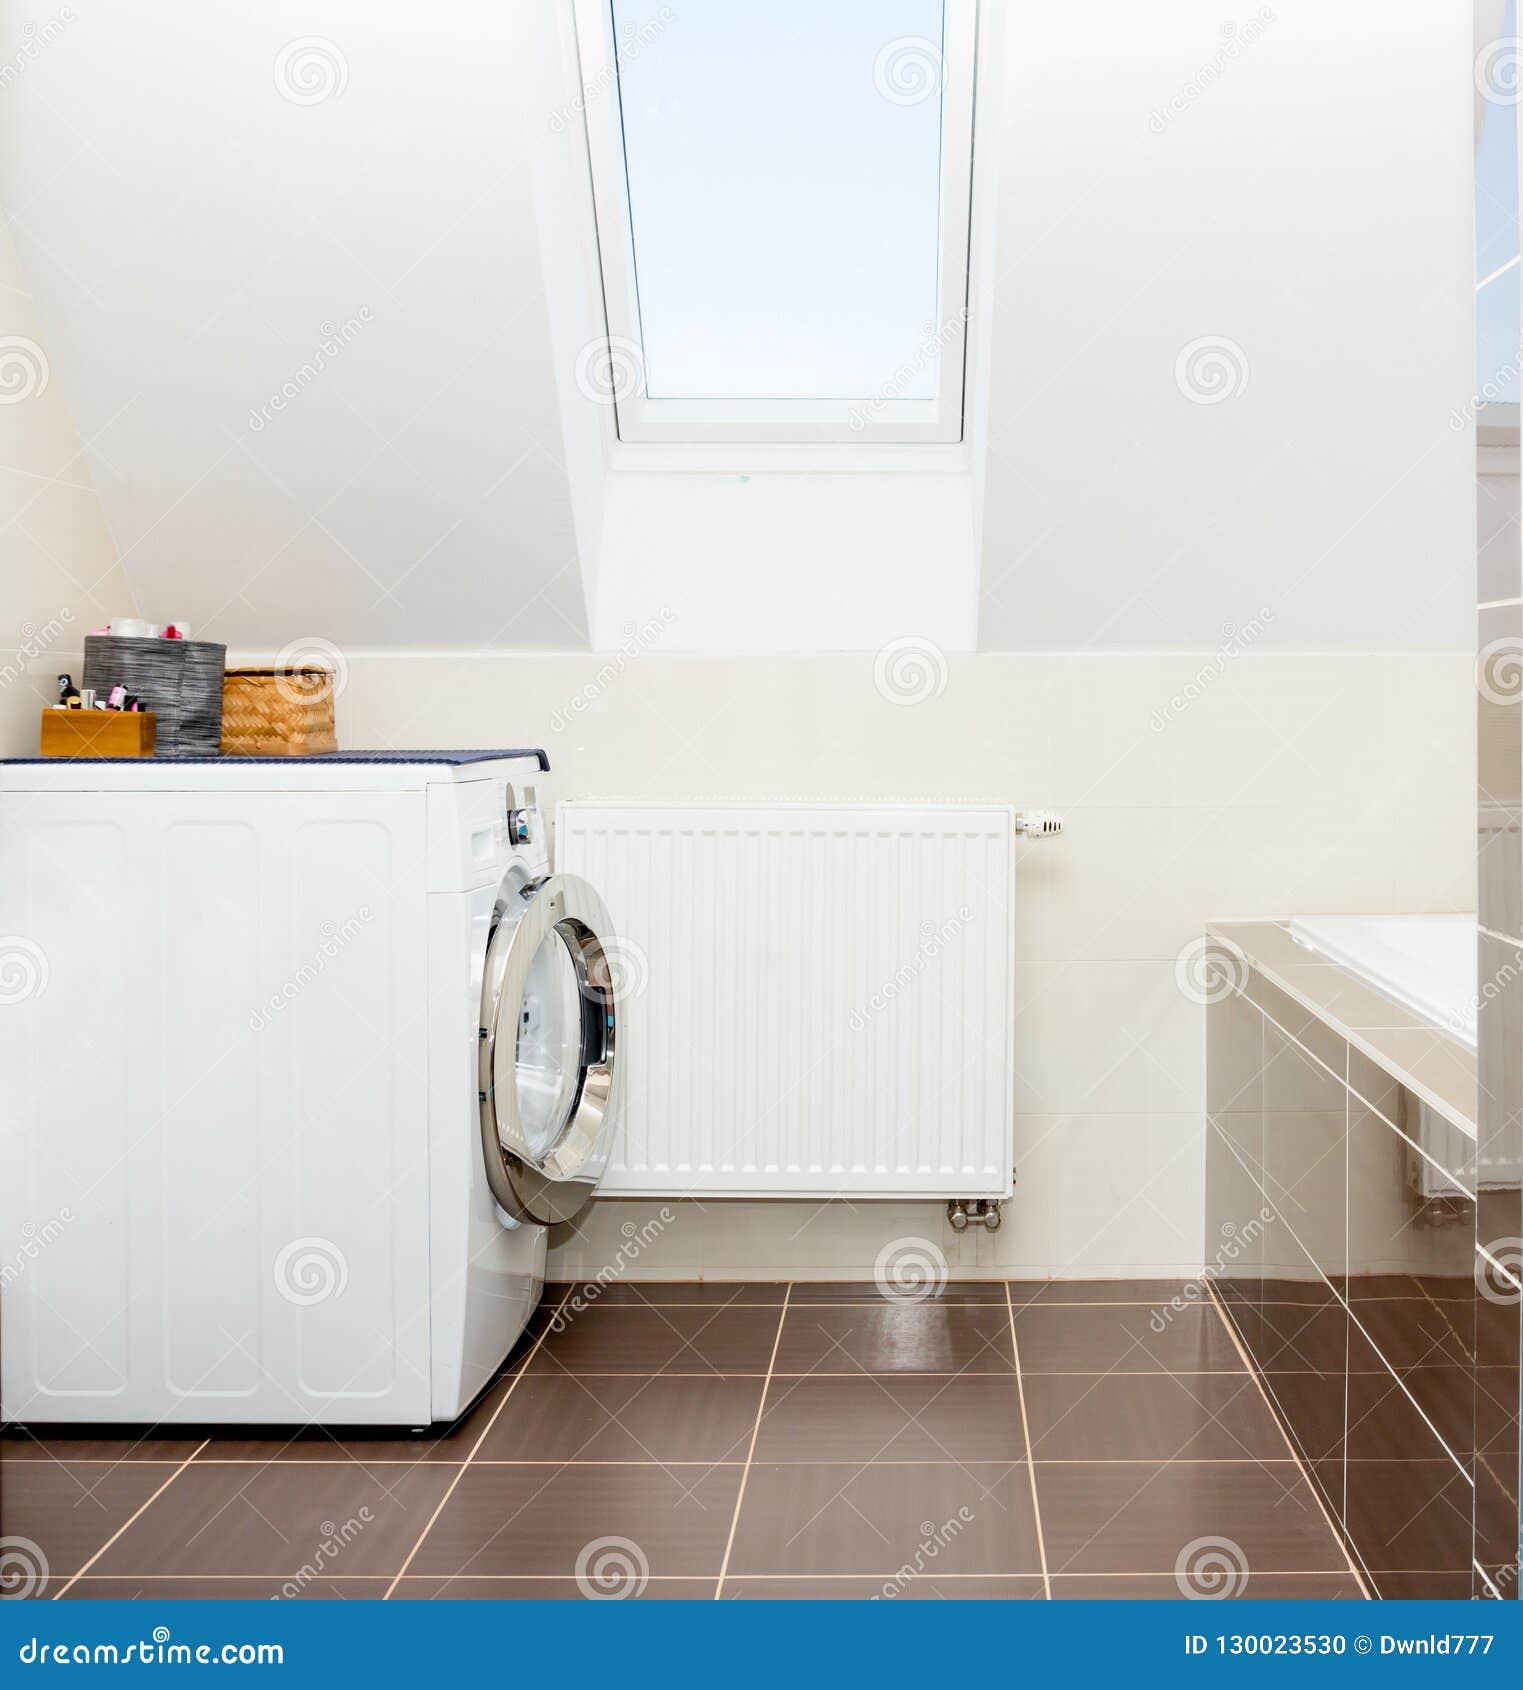 Waschmaschine Im Badezimmer Stockfoto - Bild von fliesen ...